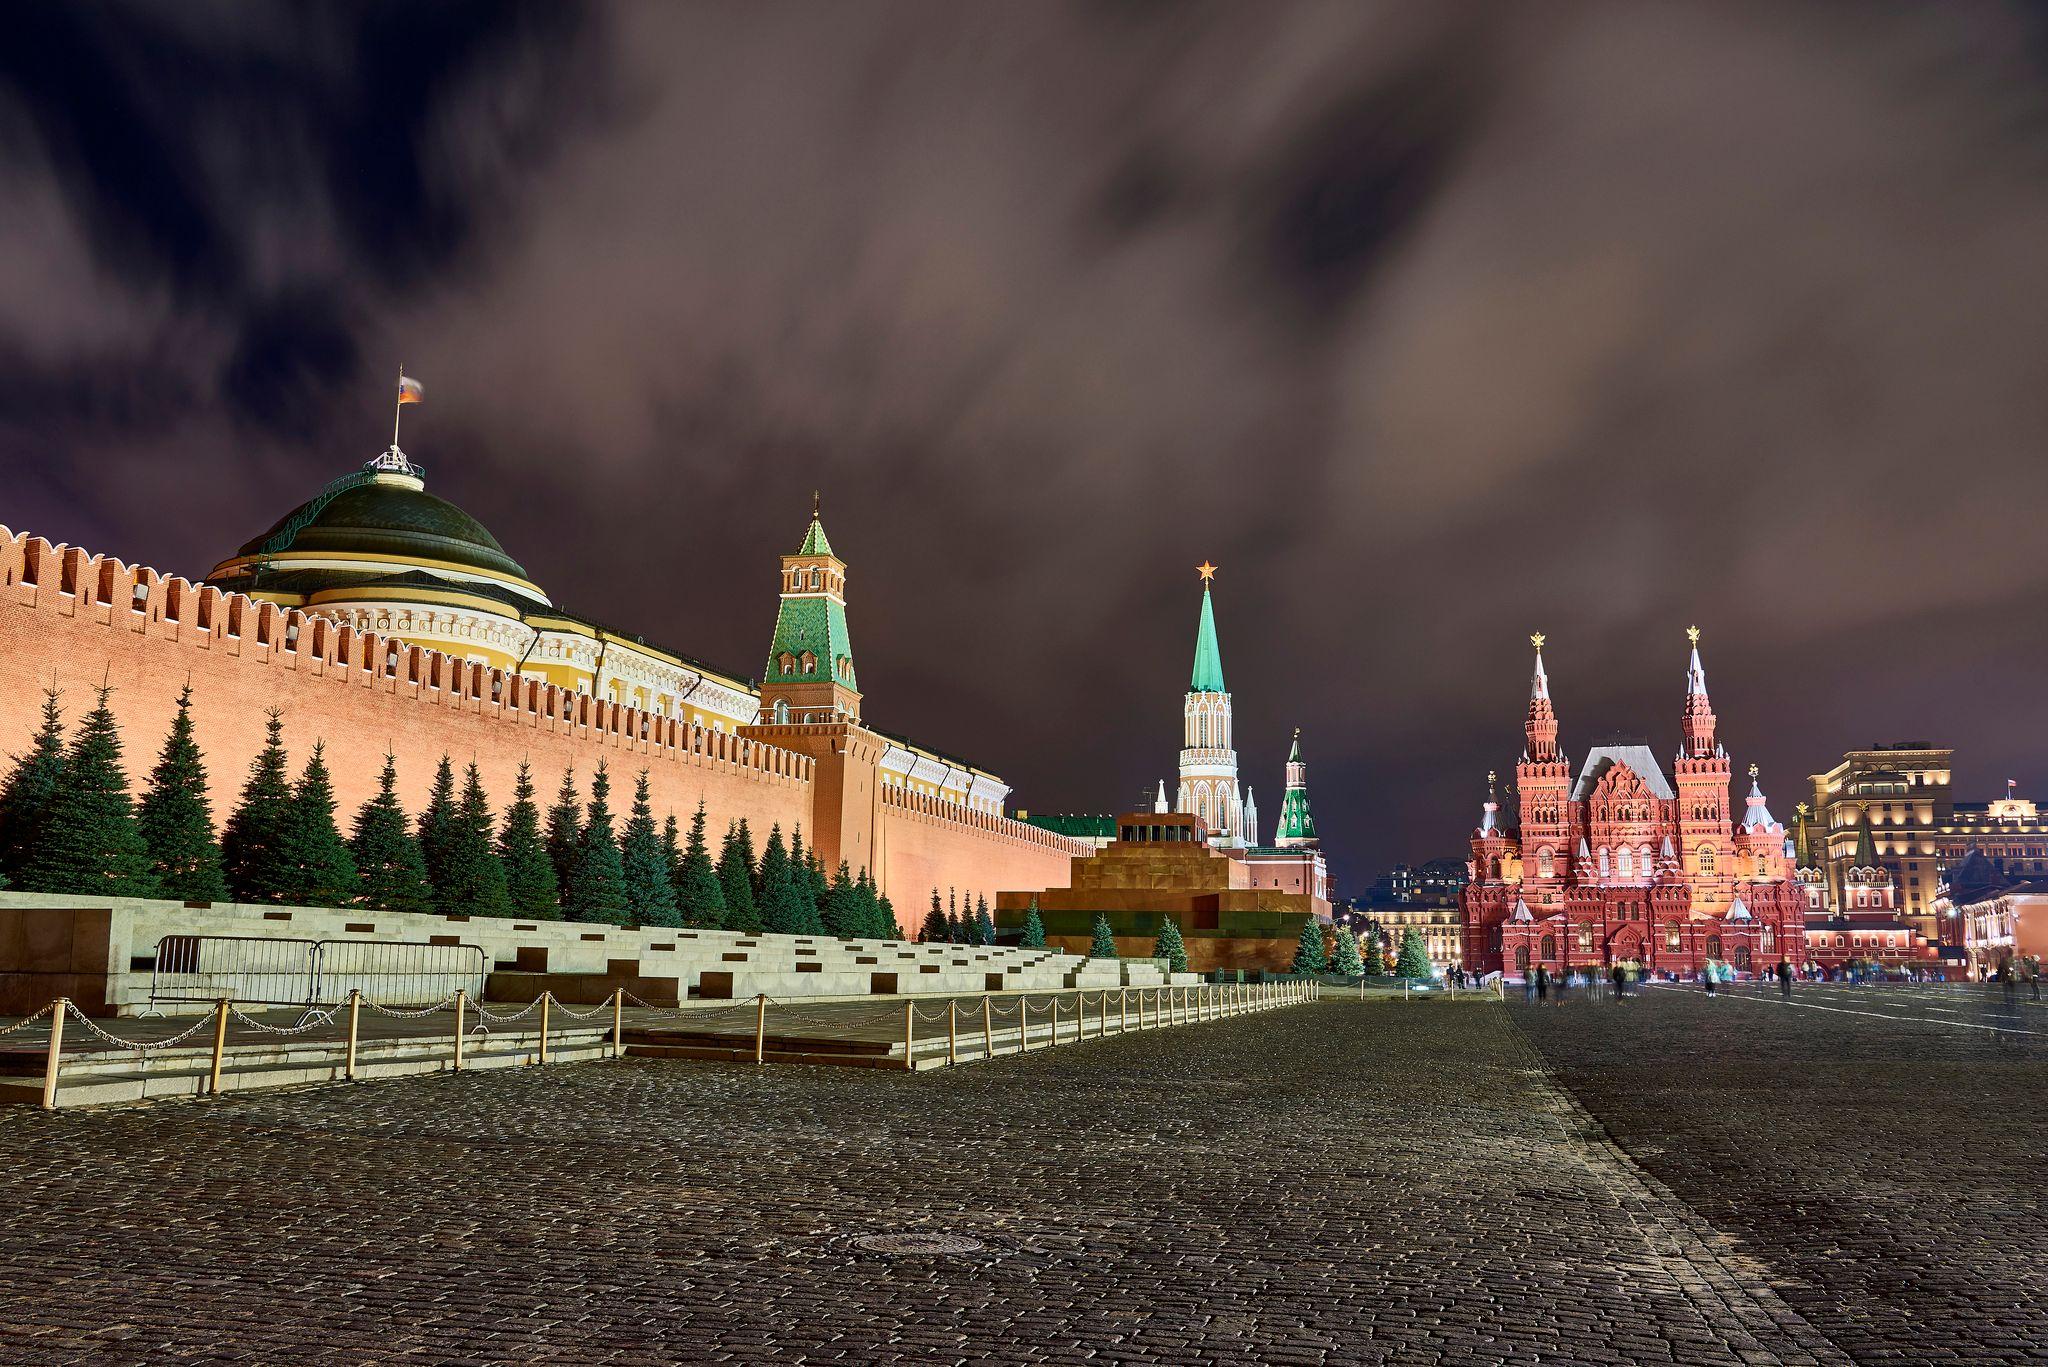 красивые картинки кремля определенно сможете дойти